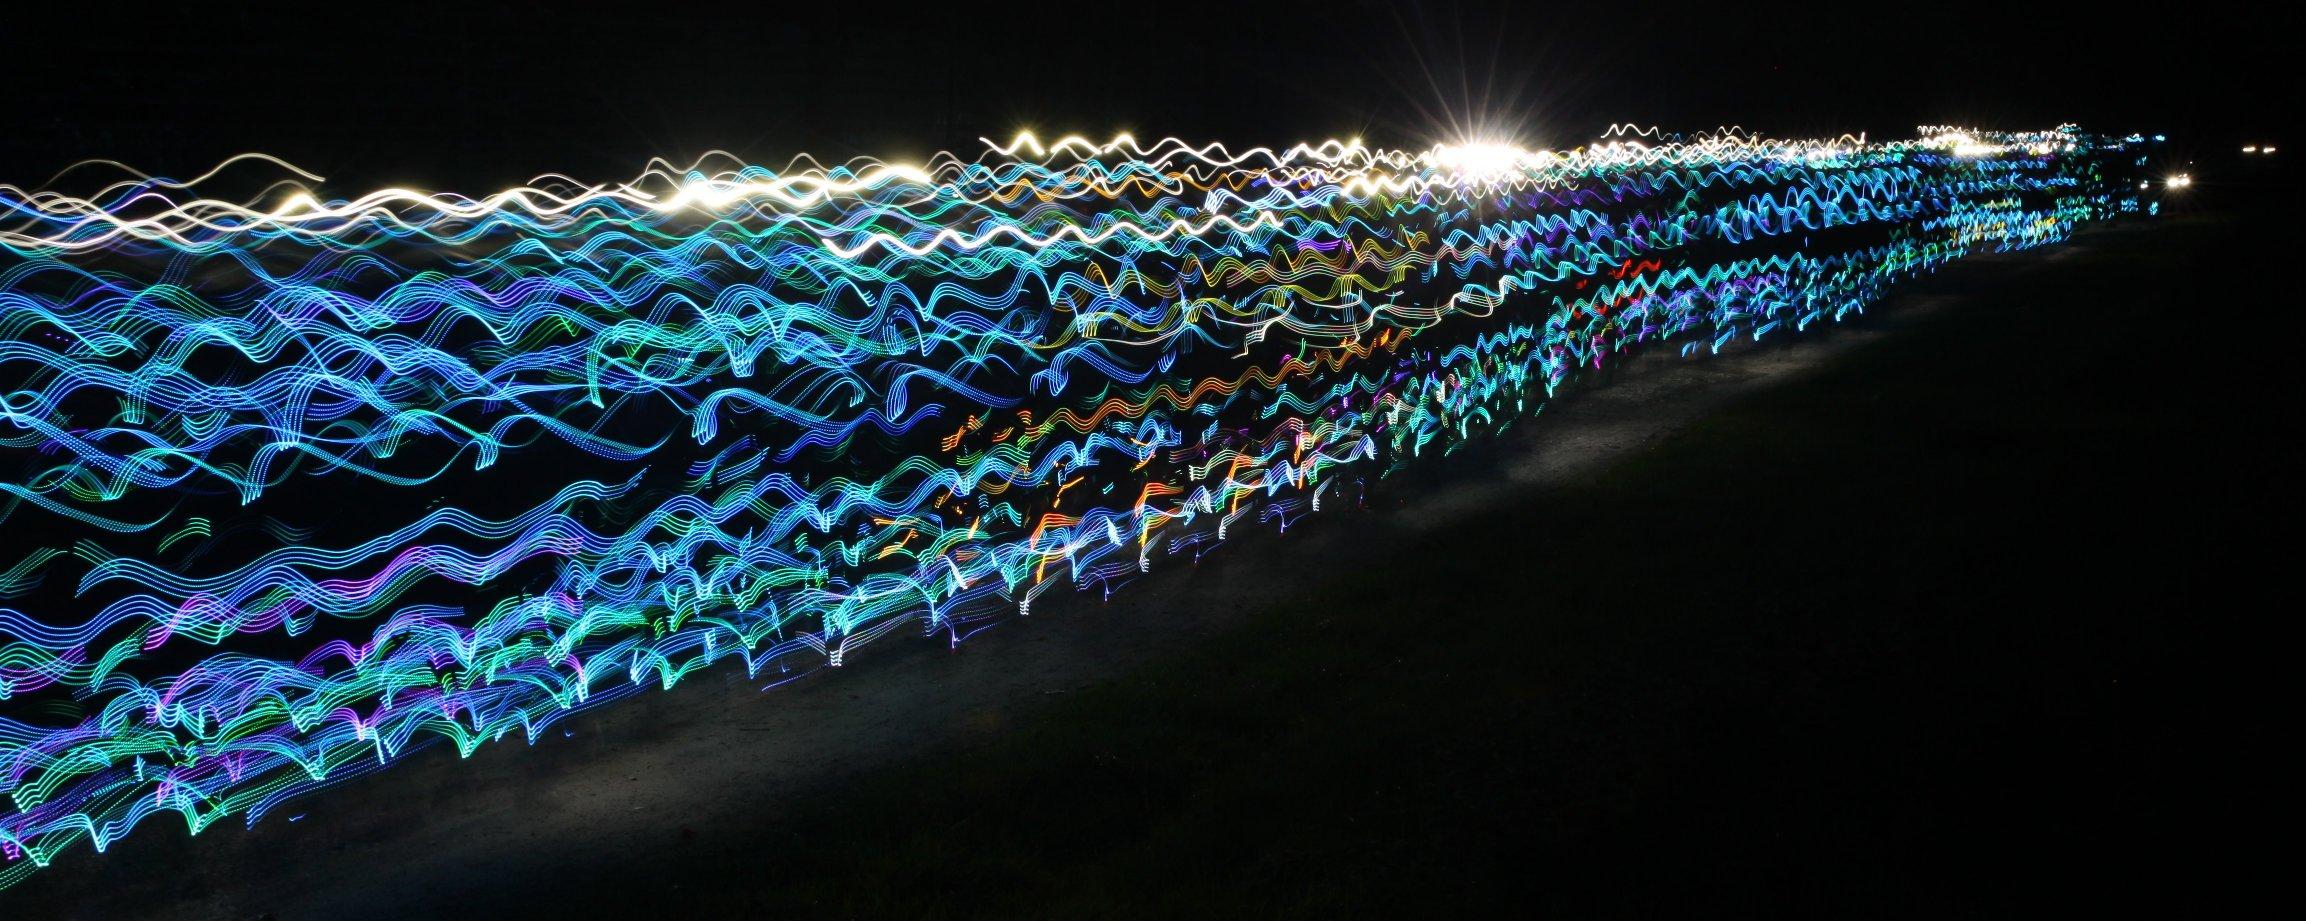 Wellen 1 - Speed of light 2013 - Ruhr